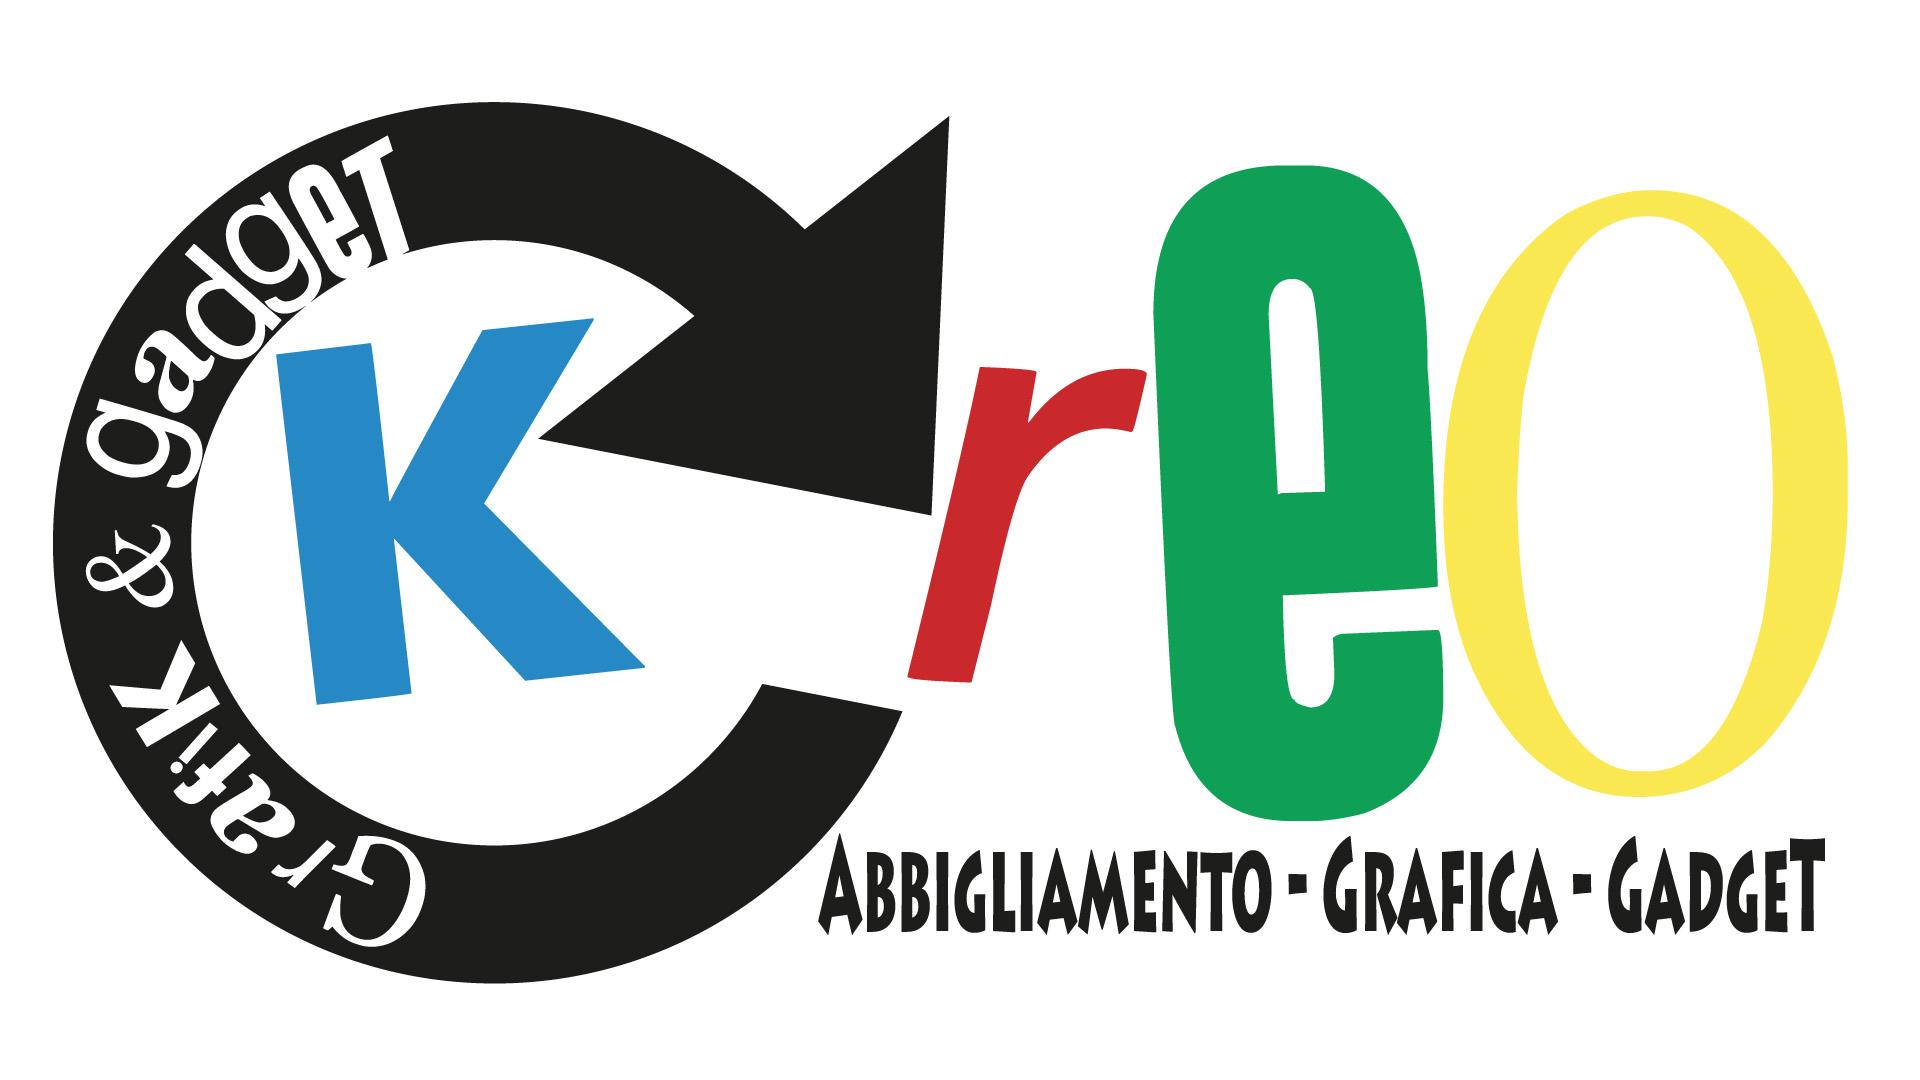 www.kreosora.it